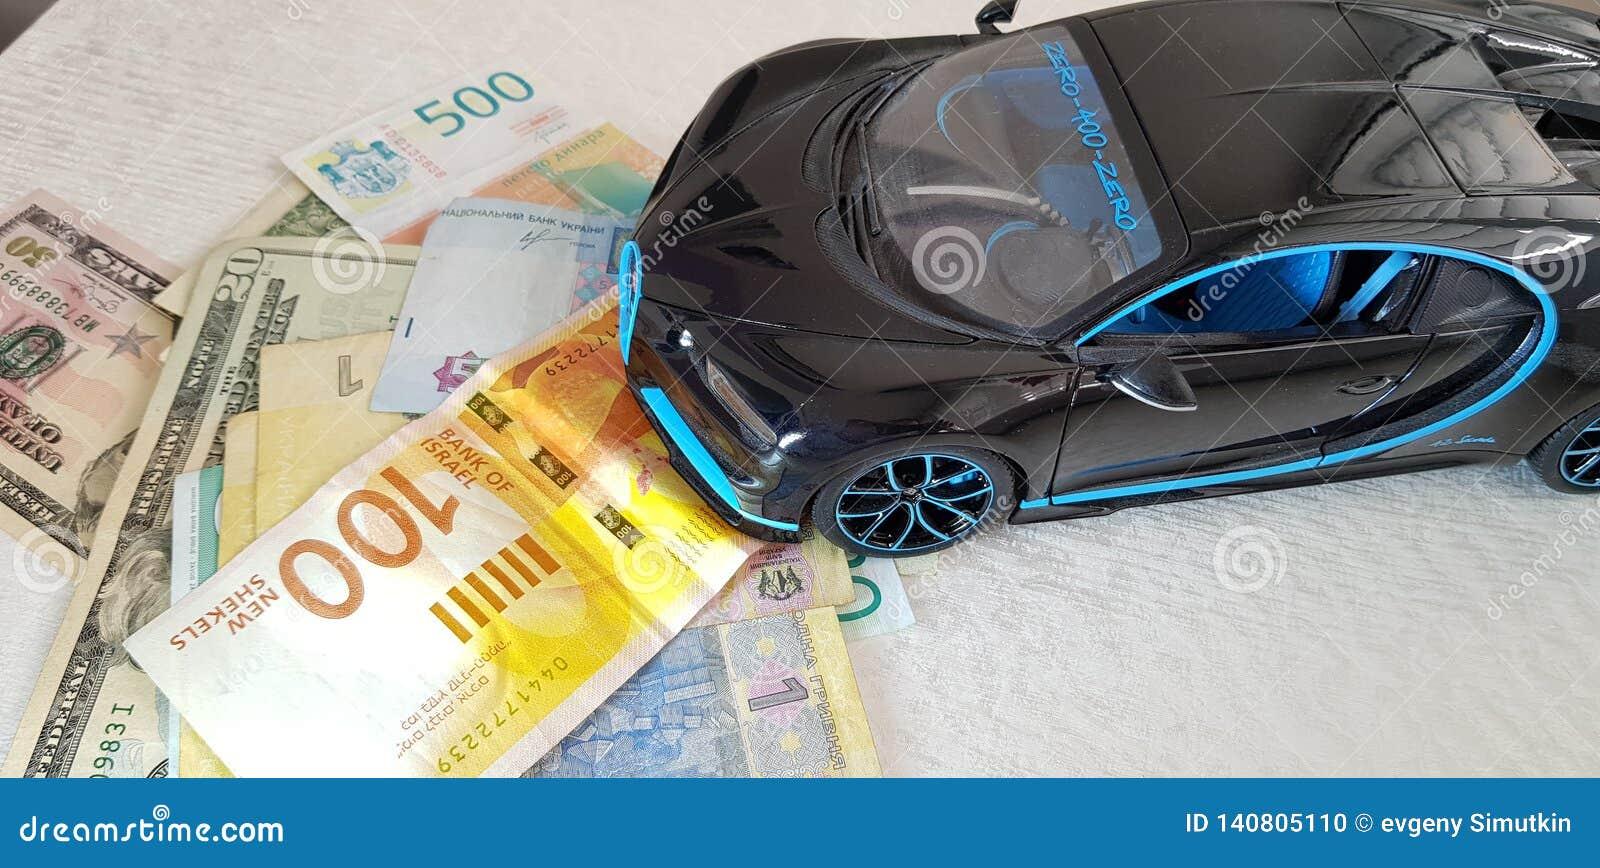 Черное положение игрушки металла Bugatti Chiron с передними колесами на деньгах бумаги различных стран